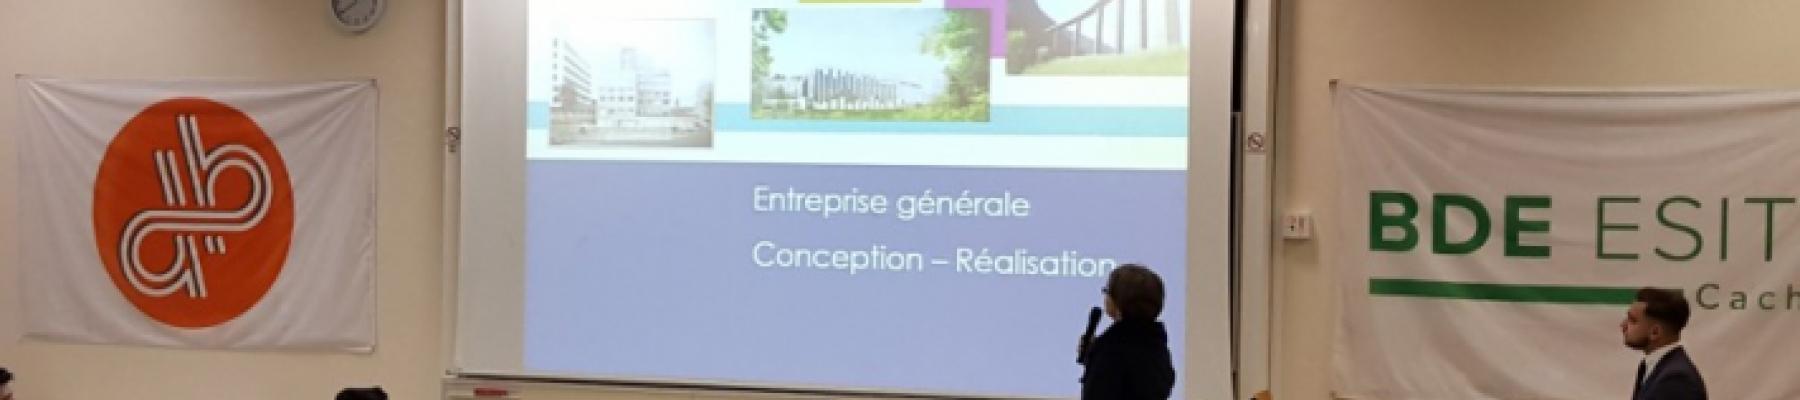 Demathieu & Bard aux Semaines Entreprises de l'ESITC Cachan